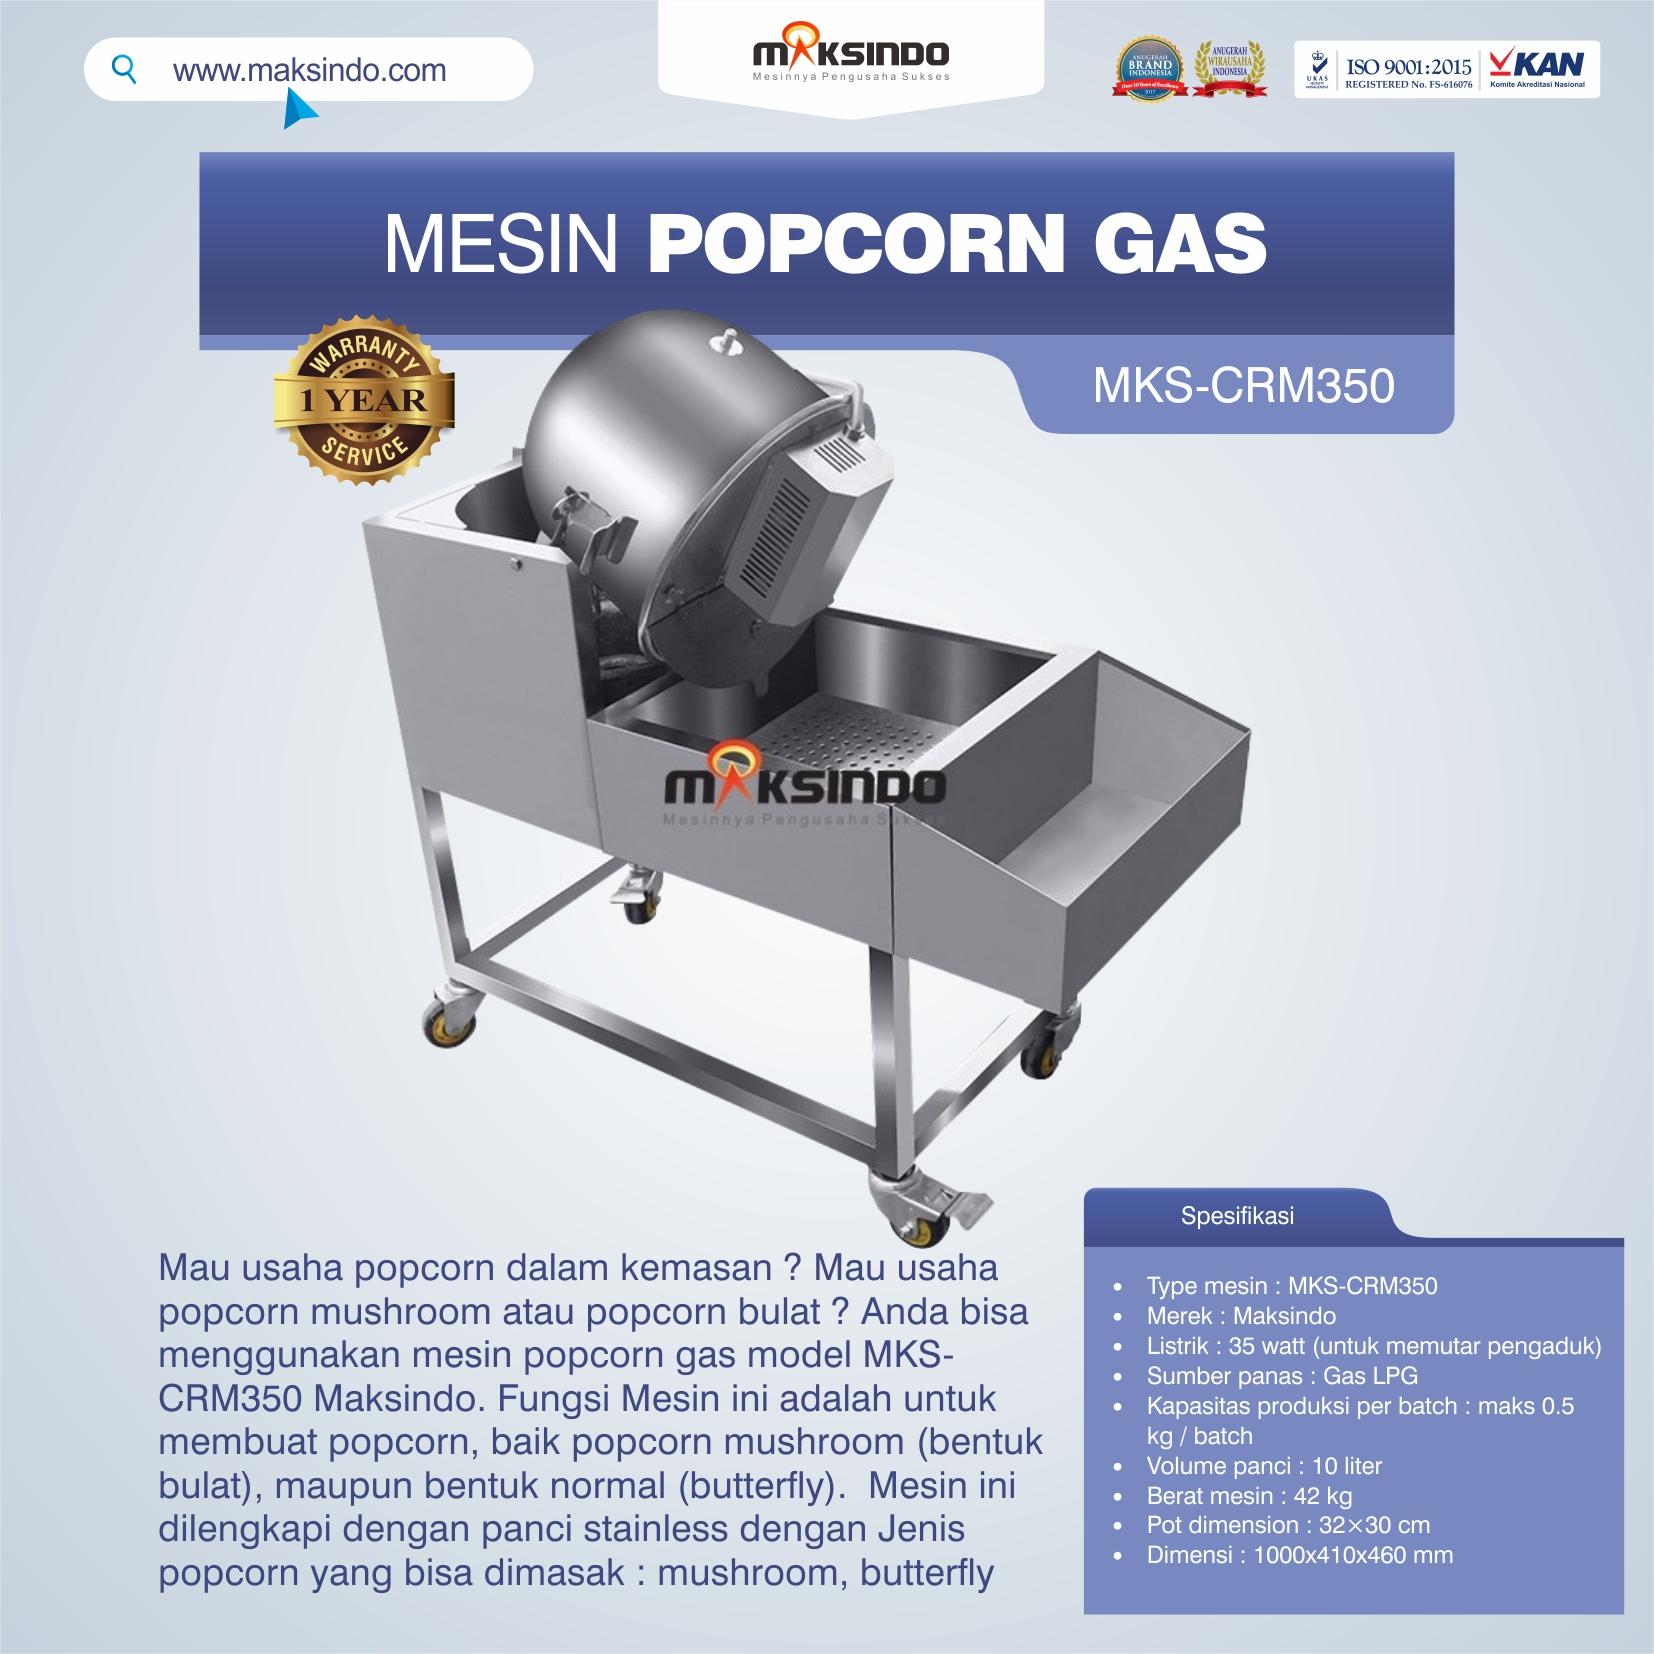 Jual Mesin Popcorn Gas Model MKS-CRM350 di Bekasi